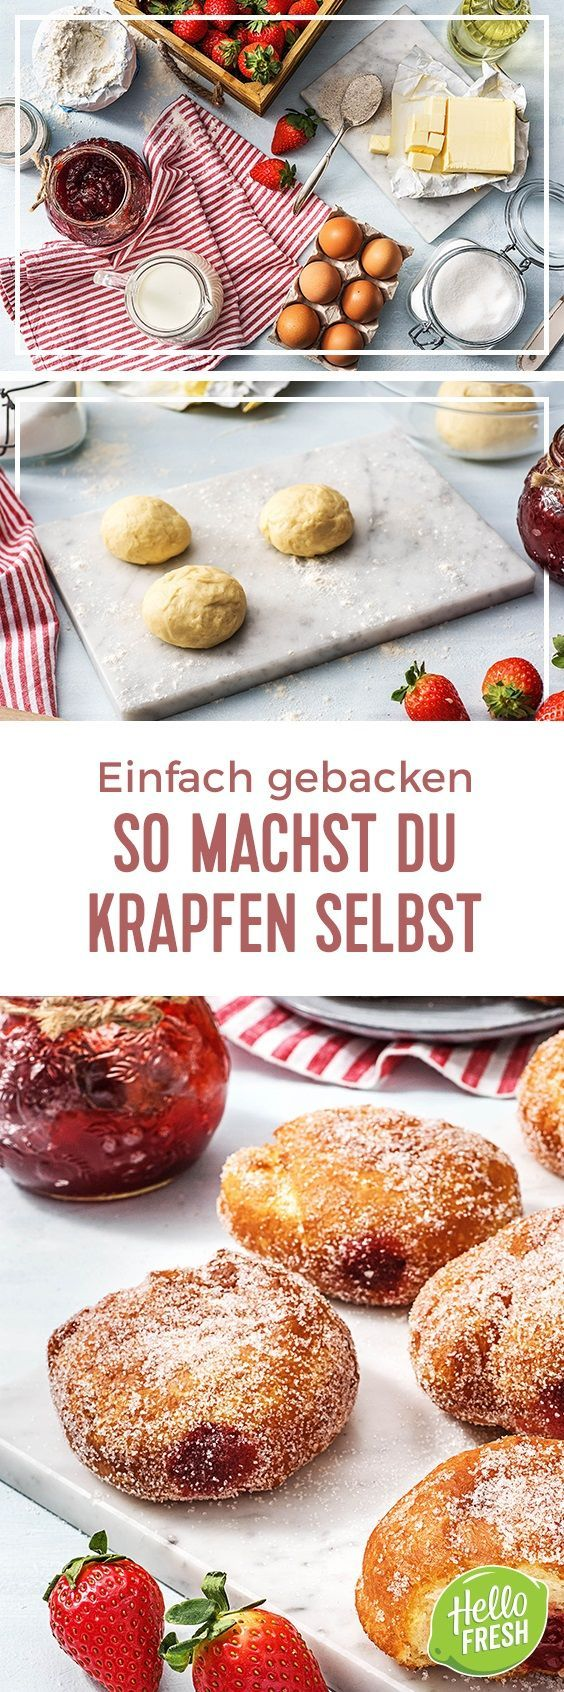 Step by Step Rezept: Krapfen selber machen   Kochen / Essen / Ernährung / Lecker / Kochbox / Zutaten / Gesund / Schnell / Frühling / Einfach / DIY / Küche / Gericht / Blog / Leicht / selber machen / backen / Berliner / Zucker / Marmelade / Karneval / süß #hellofreshde #kochen #essen #zubereiten #zutaten #diy #rezept #kochbox #ernährung #lecker #gesund #leicht #schnell #frühling #einfach #küche #gericht #trend #blog #selbermachen #backen #krapfen #berliner #donuts #marmelade #karneval #süß